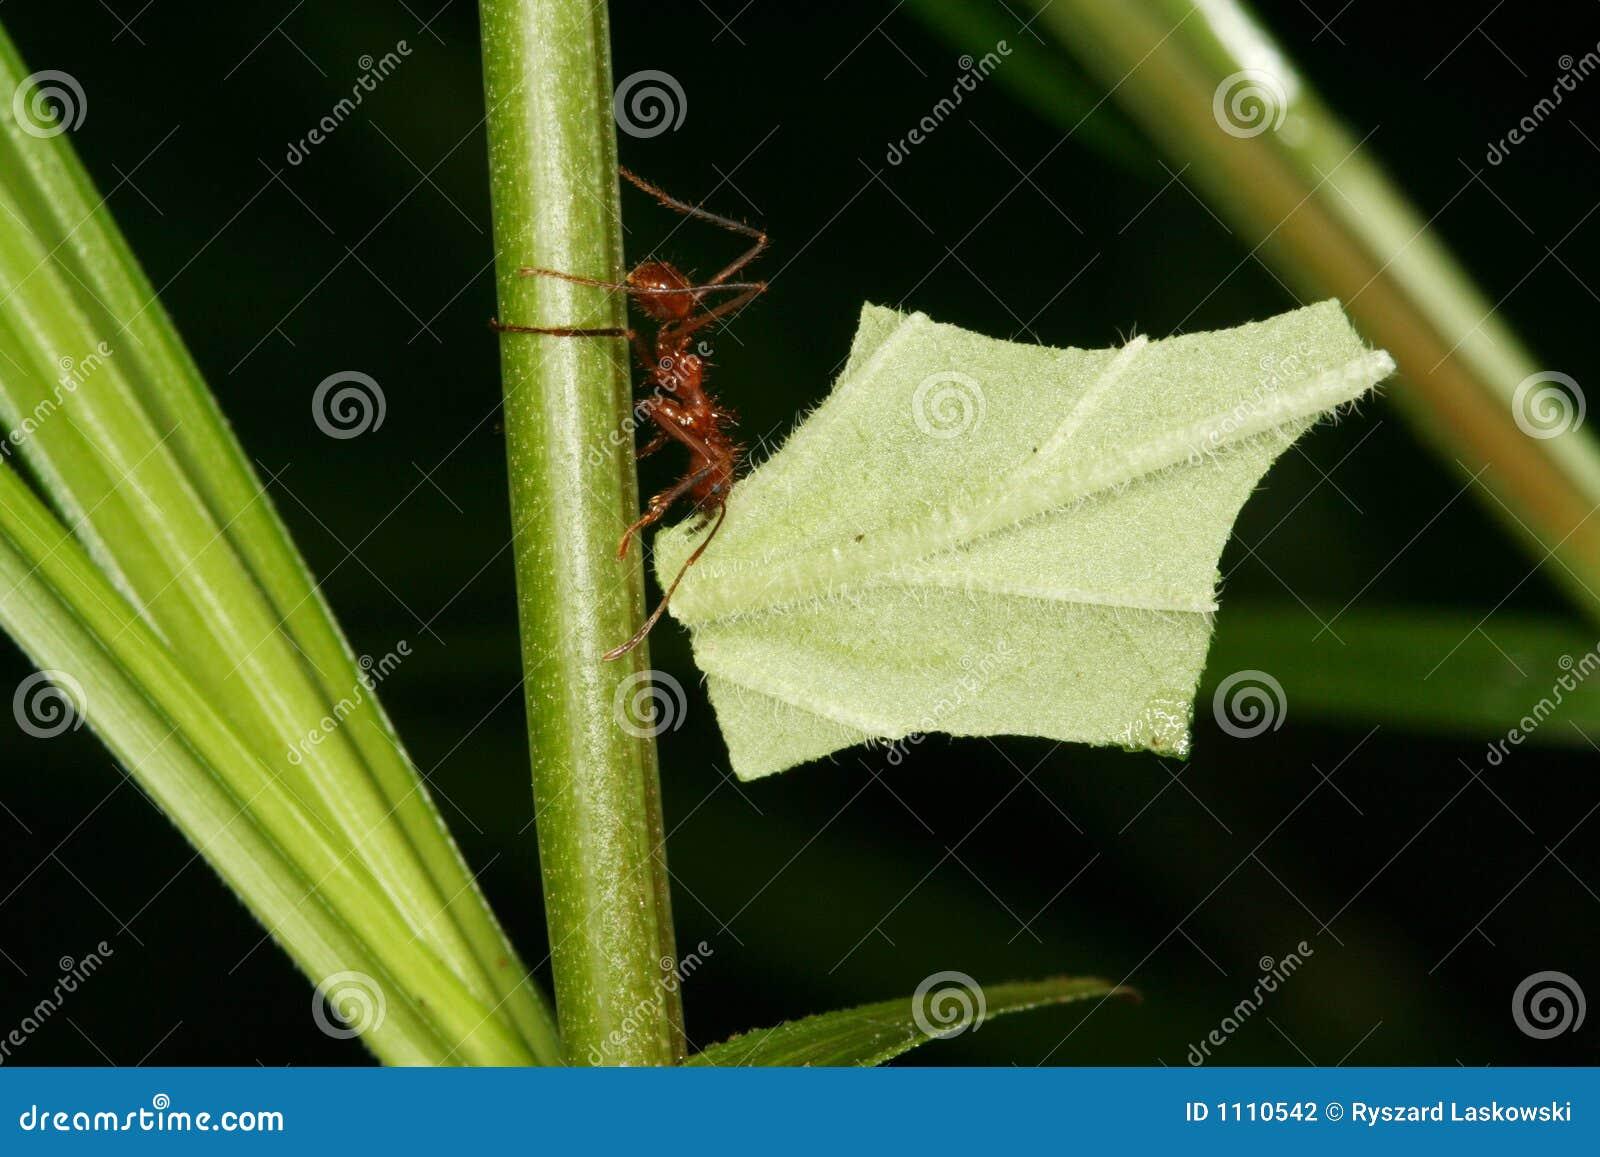 蚂蚁atta剪切叶子